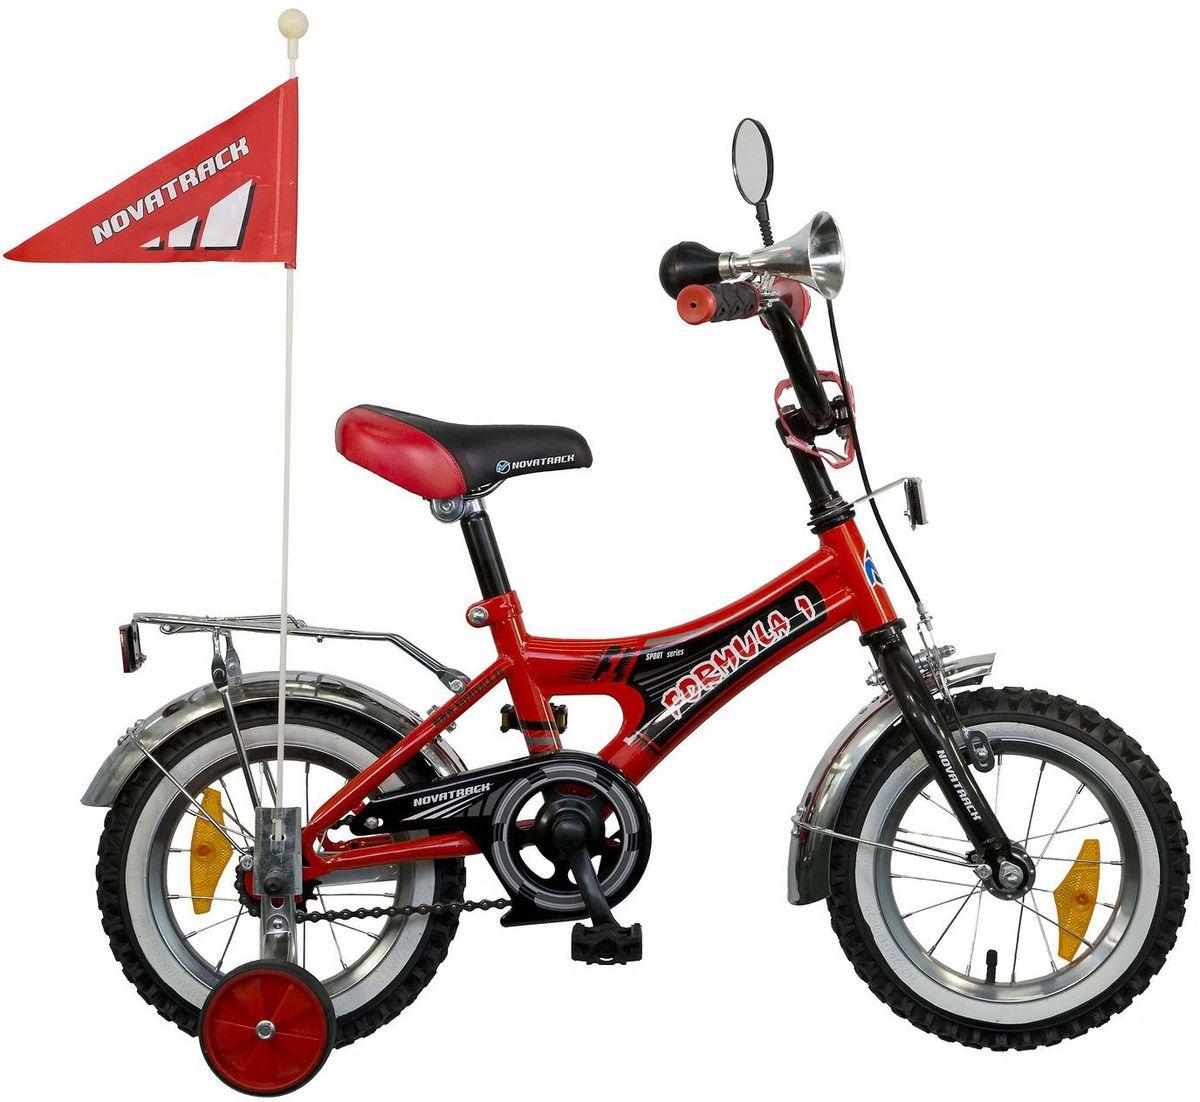 Велосипед детский Novatrack Формула, цвет: красный, 12125FORMULA.RD5Велосипед Формула 1 со стальной универсальной рамой, имеет размер колеса 12. Предназначен для детей в возрасте от 3 до 5 лет. Тип рамы удобный как для мальчиков, так и для девочек; Интегрированный ограничитель руля, гарантирующий безопасность; Цвет : красный-черный; Надувные колеса с ниппелем под автомобильный насос; Модель имеет хромированные обода, крылья, багажник; а также цветные рукоятки руля (рукоятки руля черные из мягкой резины); Тормоза: задняя тормозная втулка и передний тормоз клещевого типа ; Широкие поддерживающие колеса с резиновой внешней частью, усиленные кронштейны; Модель оснащена однокомпонентными шатунами; Высокий руль для более комфортной посадки; Наличие 4-х отражателей : передний, задний и 2 шт. на колесах; Защита цепи; Модель оснащена сигнальным гудком, зеркалом и флажком.